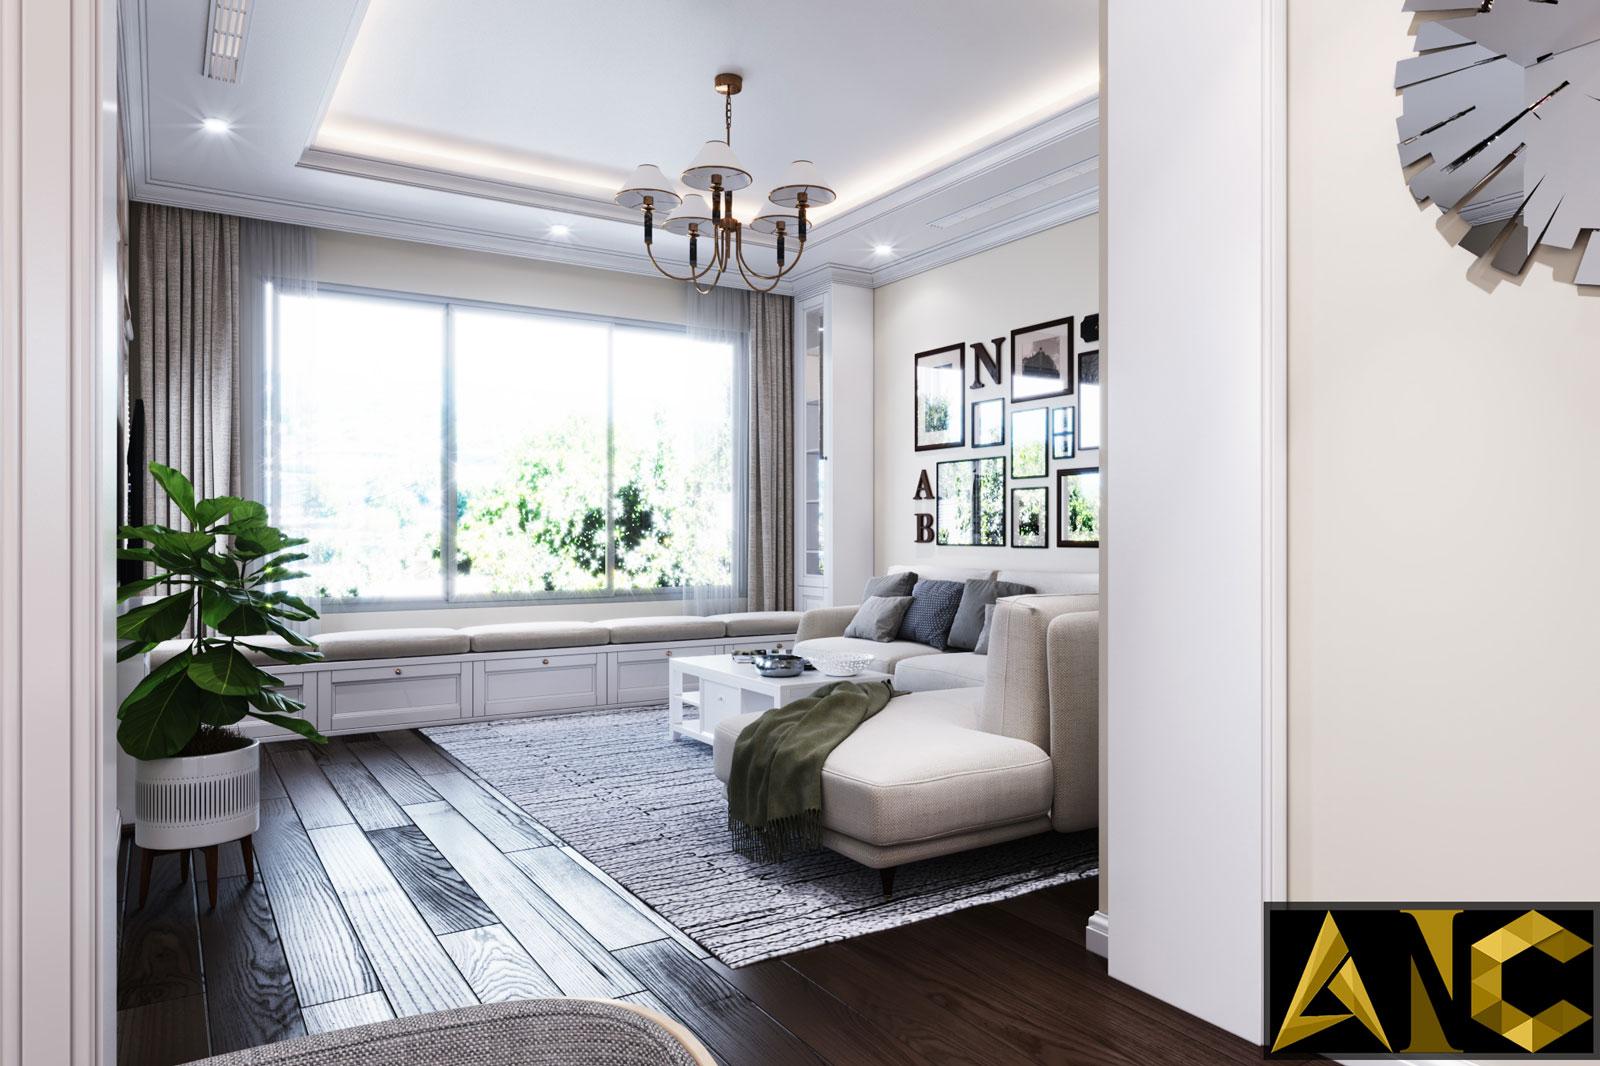 Thiết kế nội thất Nine South: Tầng Trệt Phòng Khách View 3 - Nhà Anh Mạnh